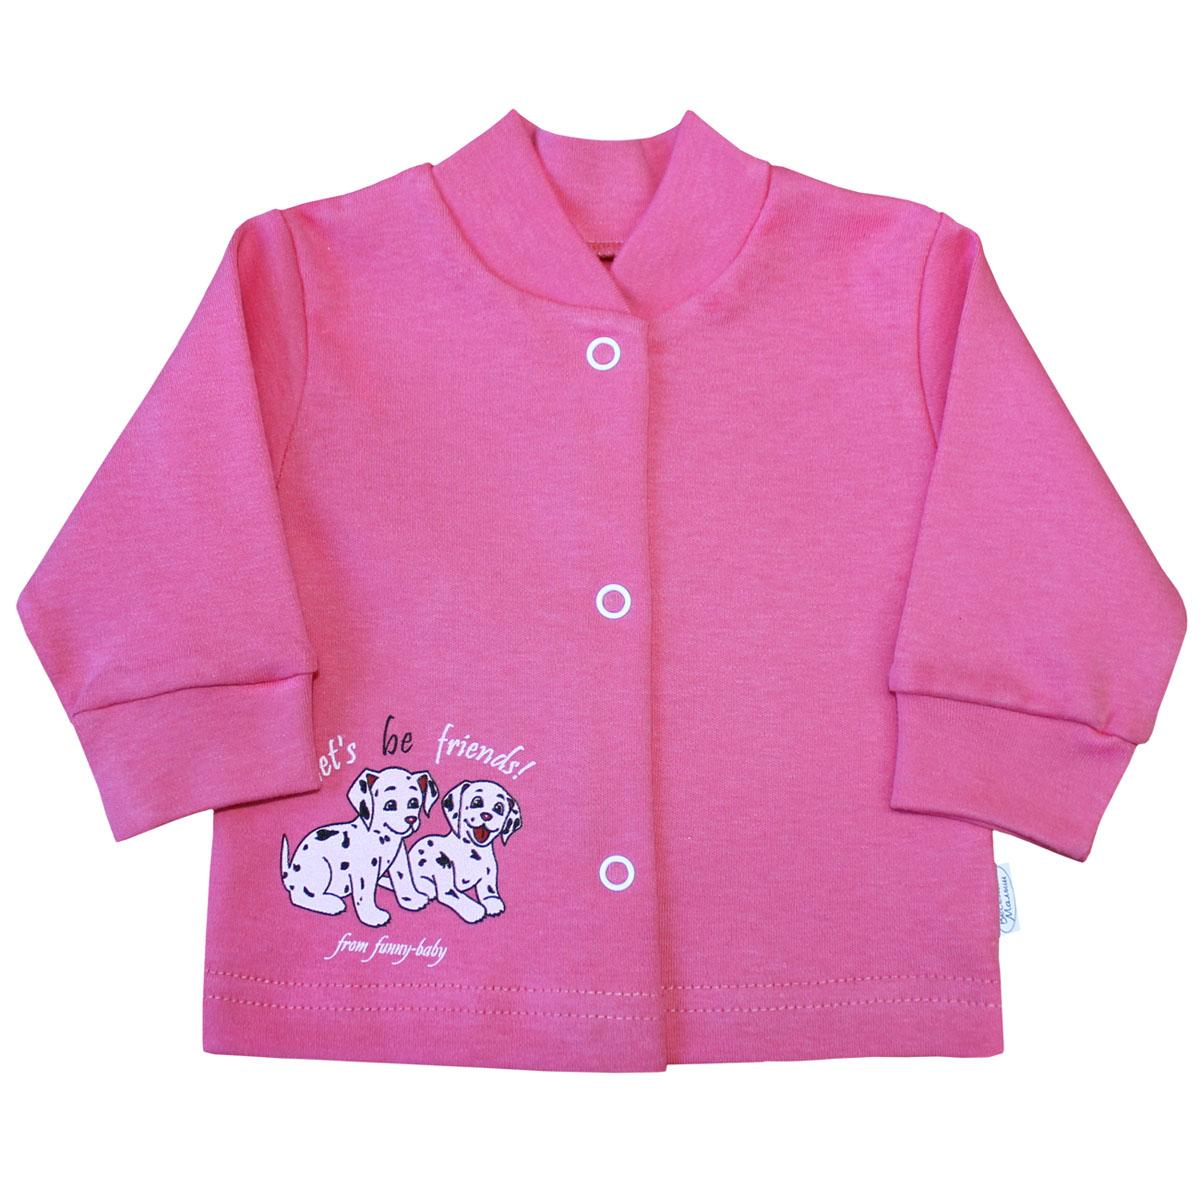 Кофточка для девочки Веселый малыш Далматинцы, цвет: розовый. 22322/да-B (1). Размер 6222322Кофточка для девочки с длинными рукавами послужит идеальным дополнением к гардеробу вашего малыша, обеспечивая ему наибольший комфорт. Изготовленная из качественного материала, она необычайно мягкая и легкая, не раздражает нежную кожу ребенка и хорошо вентилируется, а эластичные швы приятны телу младенца и не препятствуют его движениям. Удобные застежки-кнопки по всей длине помогают легко переодеть ребенка. Рукава понизу дополнены трикотажными манжетами, которые мягко обхватывают запястья, понизу также проходит широкая трикотажная резинка. Модель оформлена оригинальной аппликацией-нашивкой в виде забавной зверушки. Кофточка полностью соответствует особенностям жизни ребенка в ранний период, не стесняя и не ограничивая его в движениях. В ней ваш ребенок всегда будет в центре внимания.